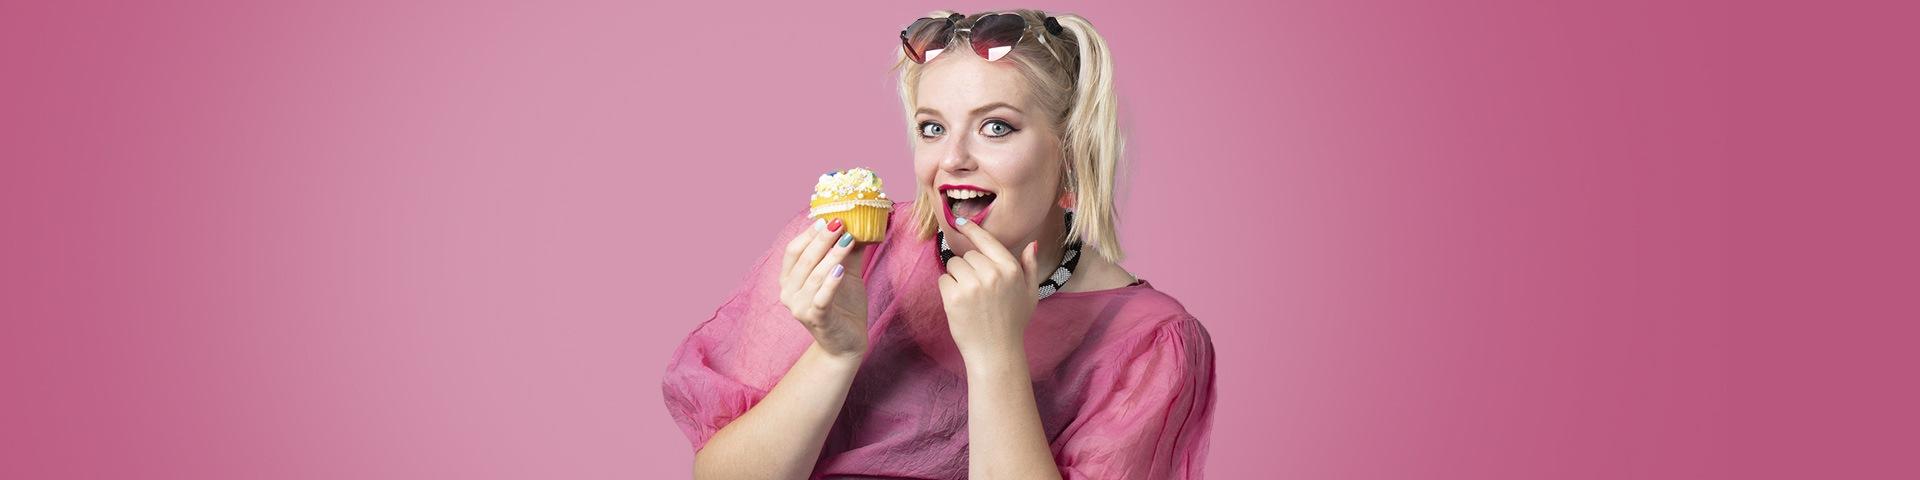 Best verkochte artikelen | Donuts + Bagels